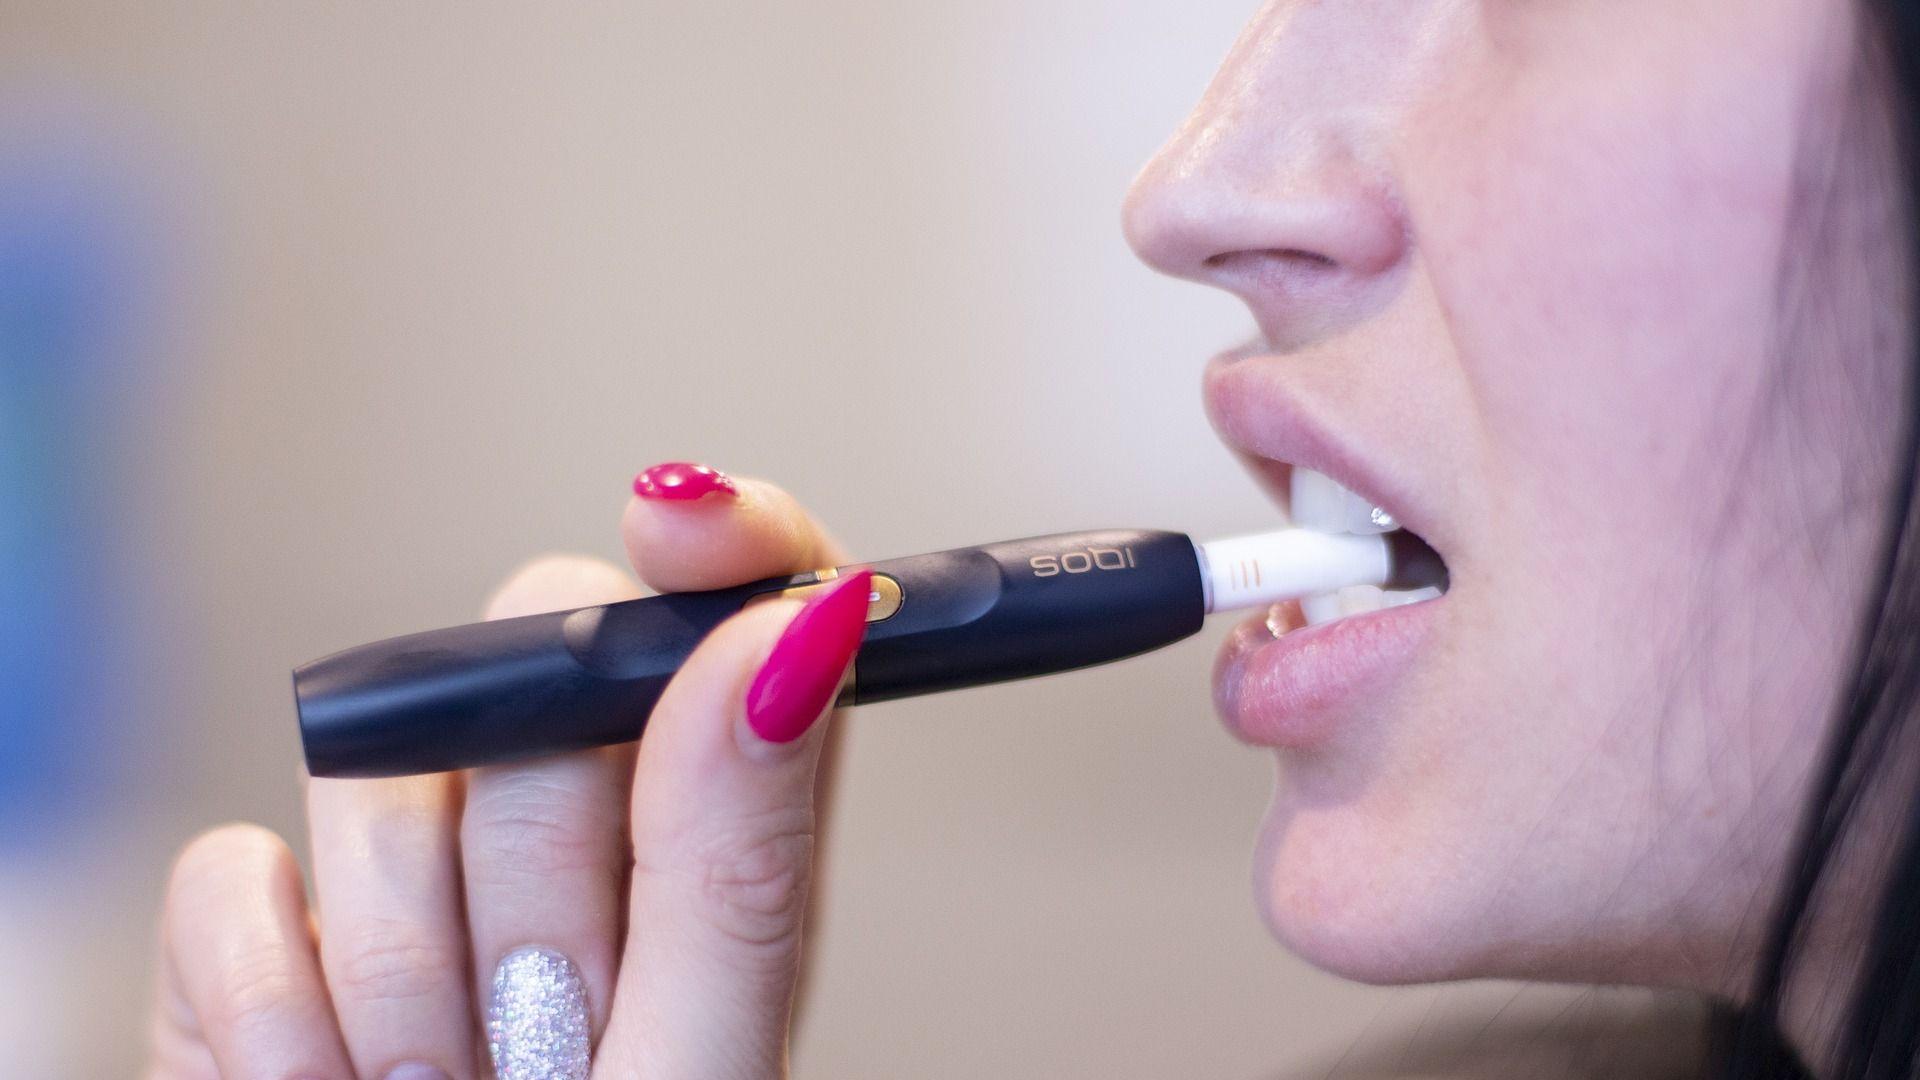 Tabak: Deutsche wollen Werbeverbot auch für E-Zigaretten und Tabakerhitzer